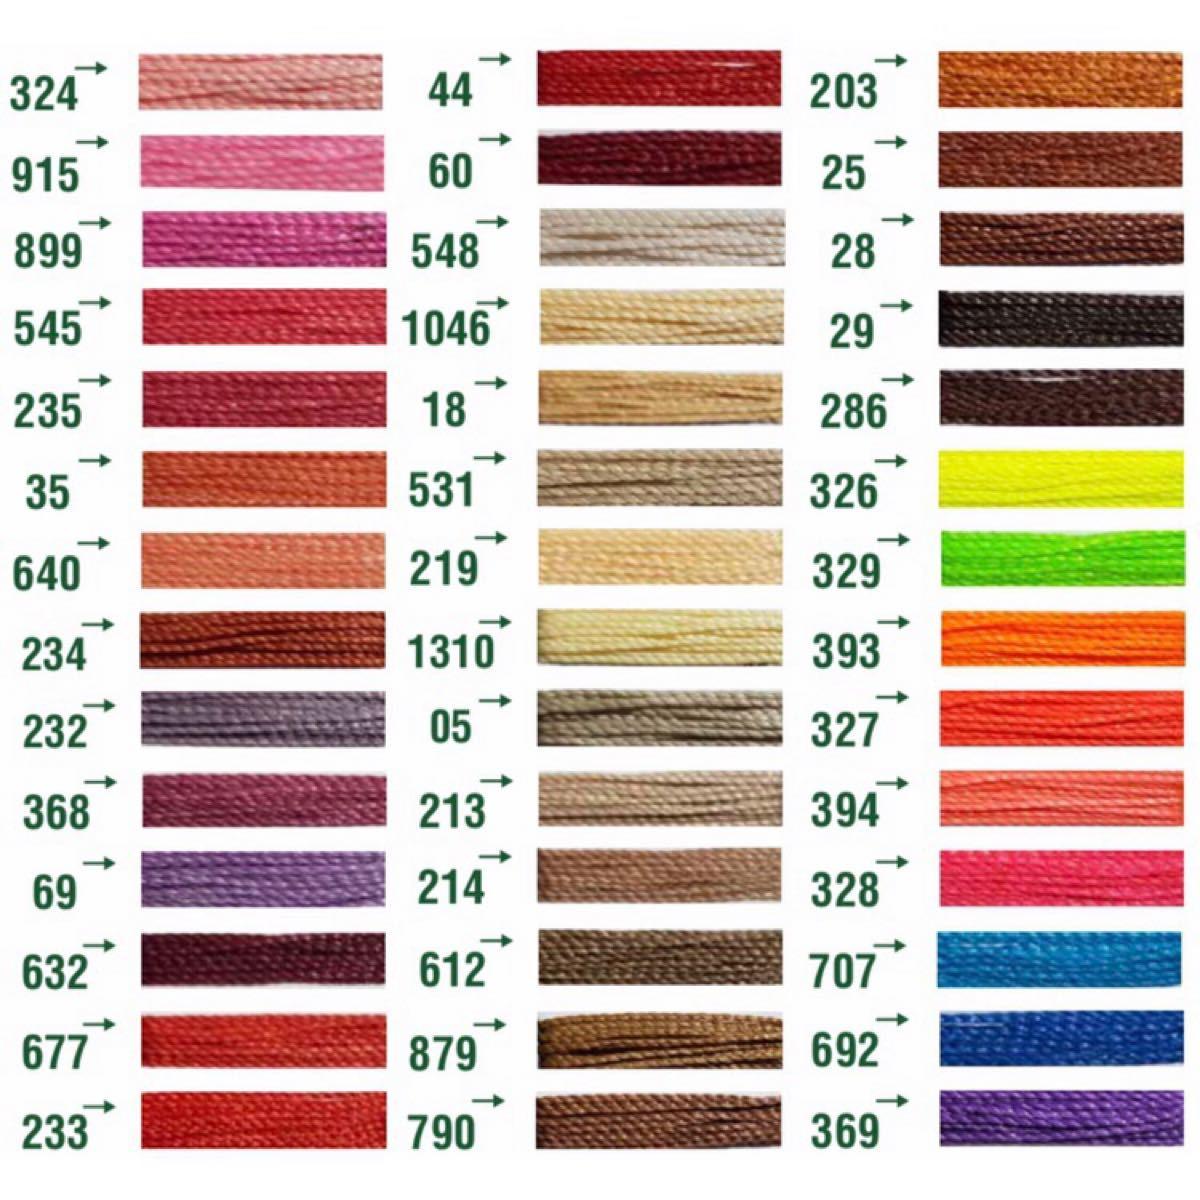 【86色☆全色セット】ブラジル LINHASITA社製 ワックスコード 1mm幅